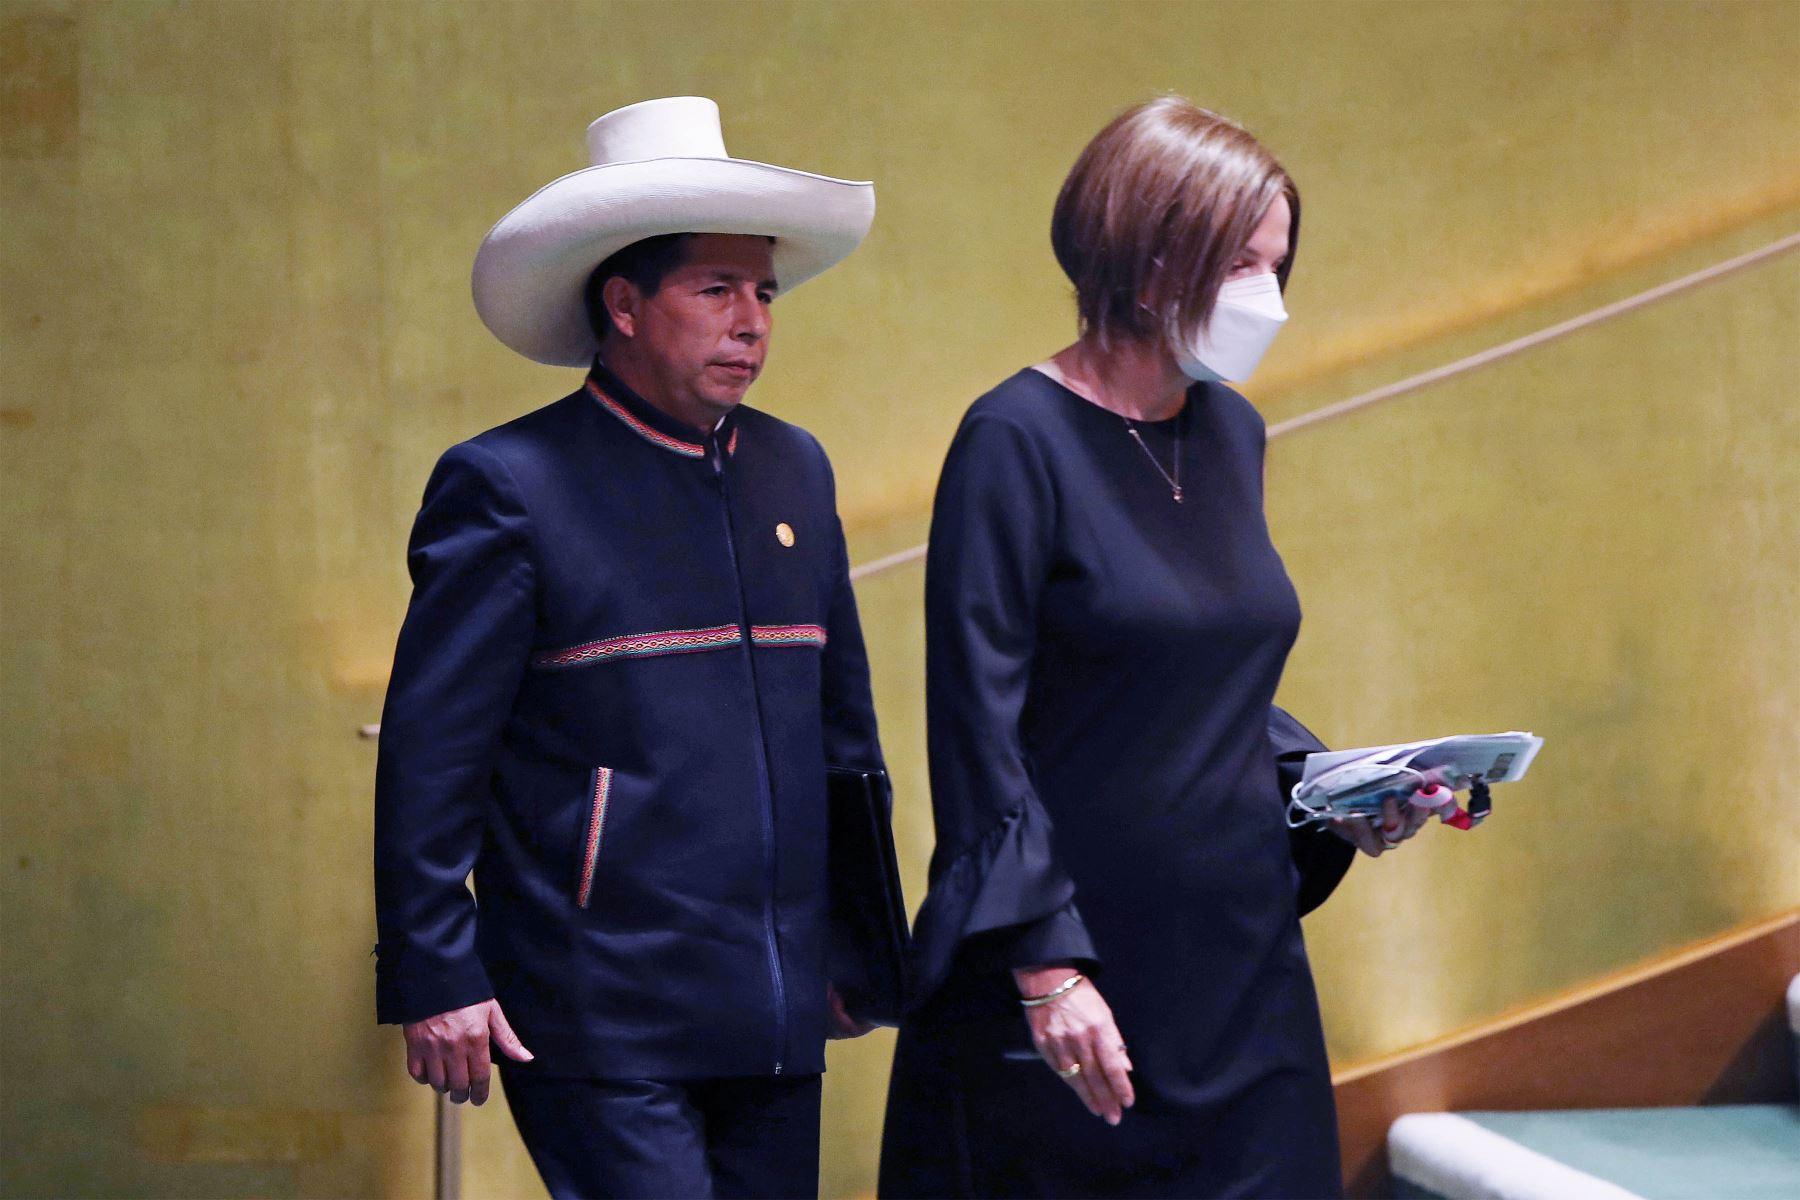 El presidente de Perú, Pedro Castillo, sube al podio para dirigirse al 76 ° período de sesiones de la Asamblea General de la ONU  en Nueva York. Foto: AFP